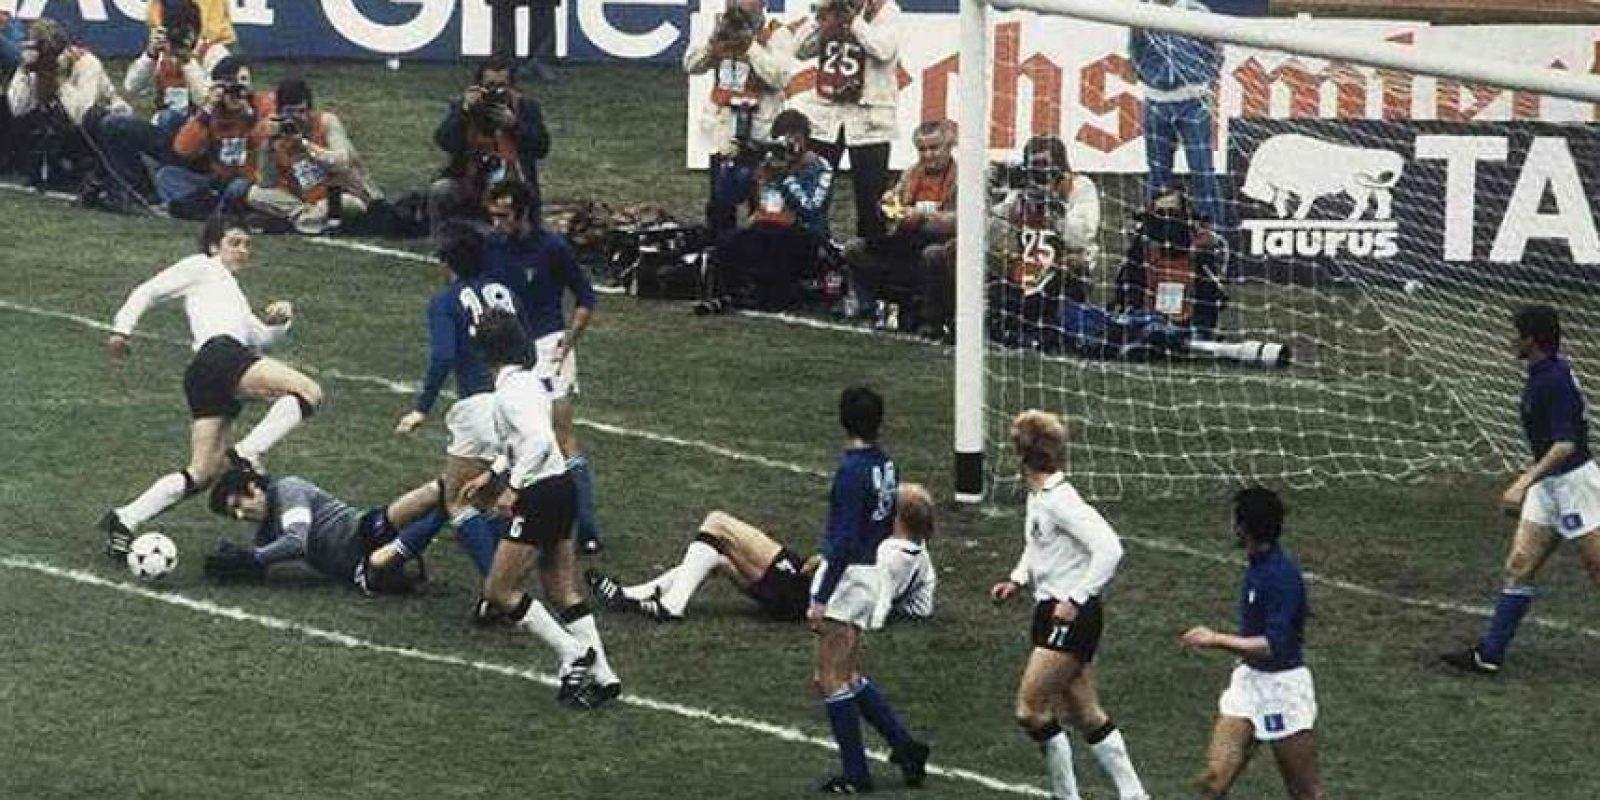 Ocho años después, en el Mundial de 1978, se volverían a encontrar e igualaron sin goles Foto:Getty Images